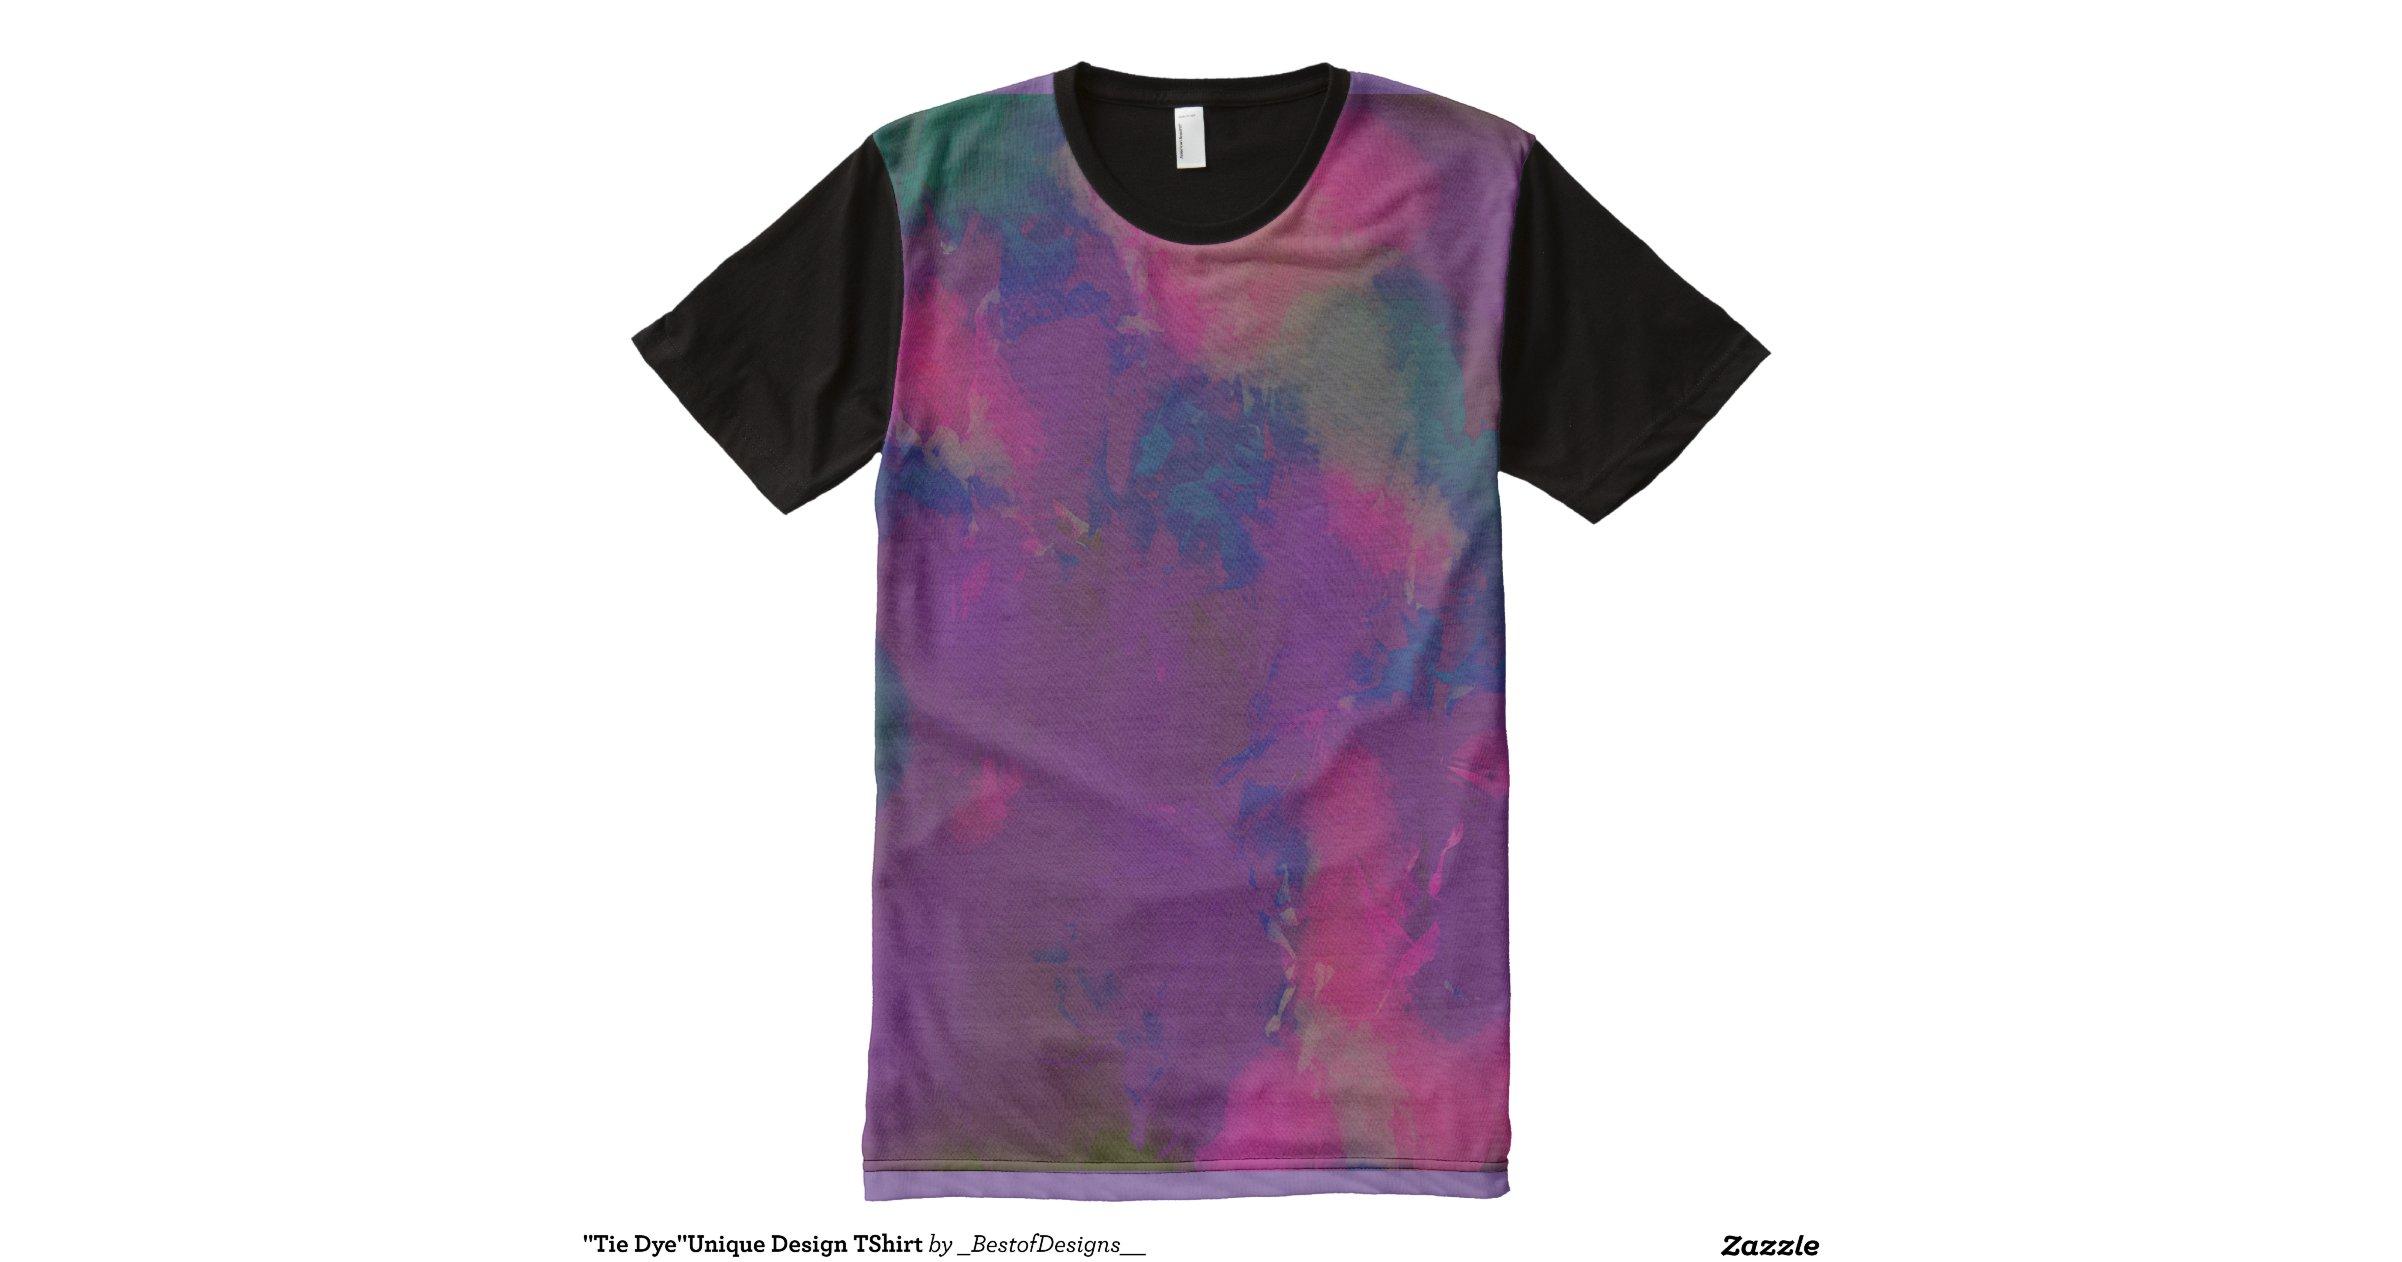 Tie Dye Unique Design Tshirt All Over Print T Shirt Zazzle